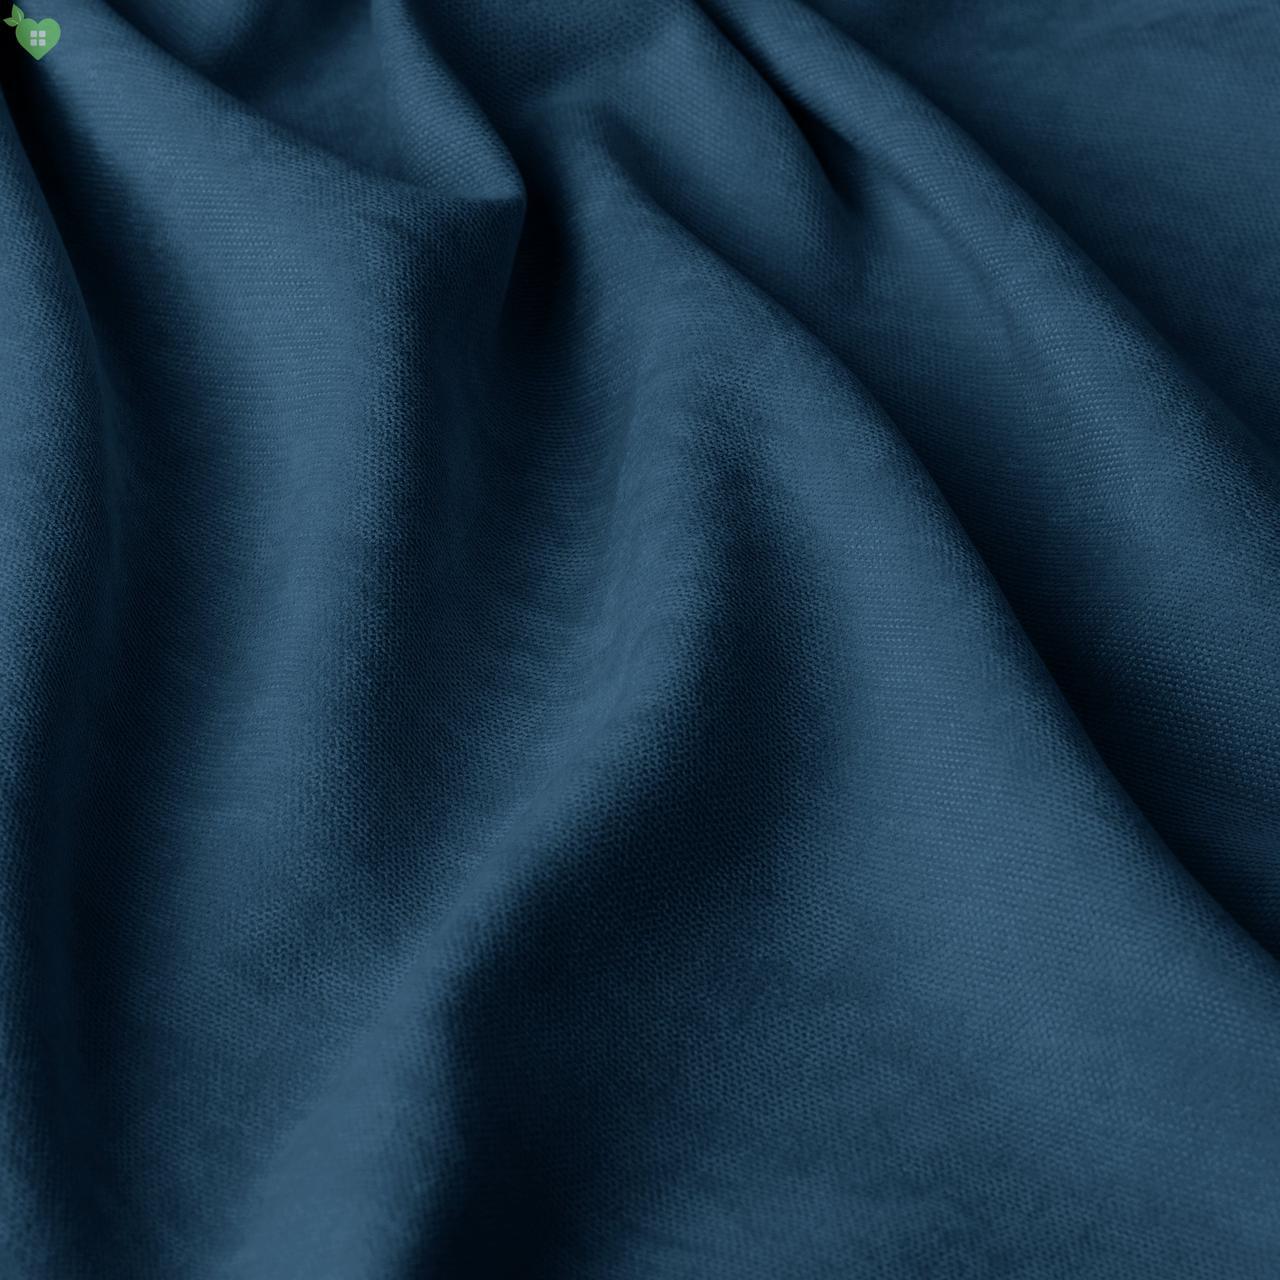 Однотонная декоративная ткань велюр синий 84363v17